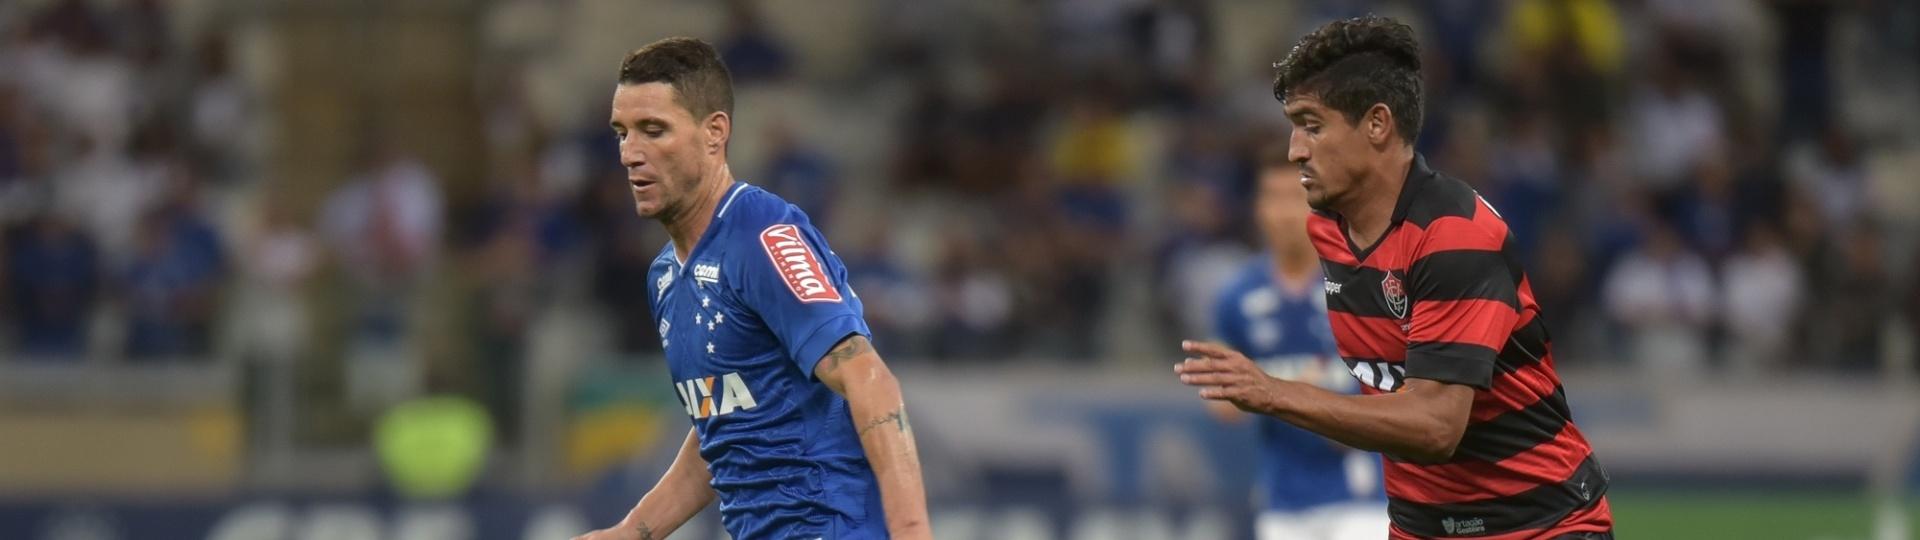 Thiago Neves, do Cruzeiro, tenta escapar de jogador do Vitória durante partida no Mineirão